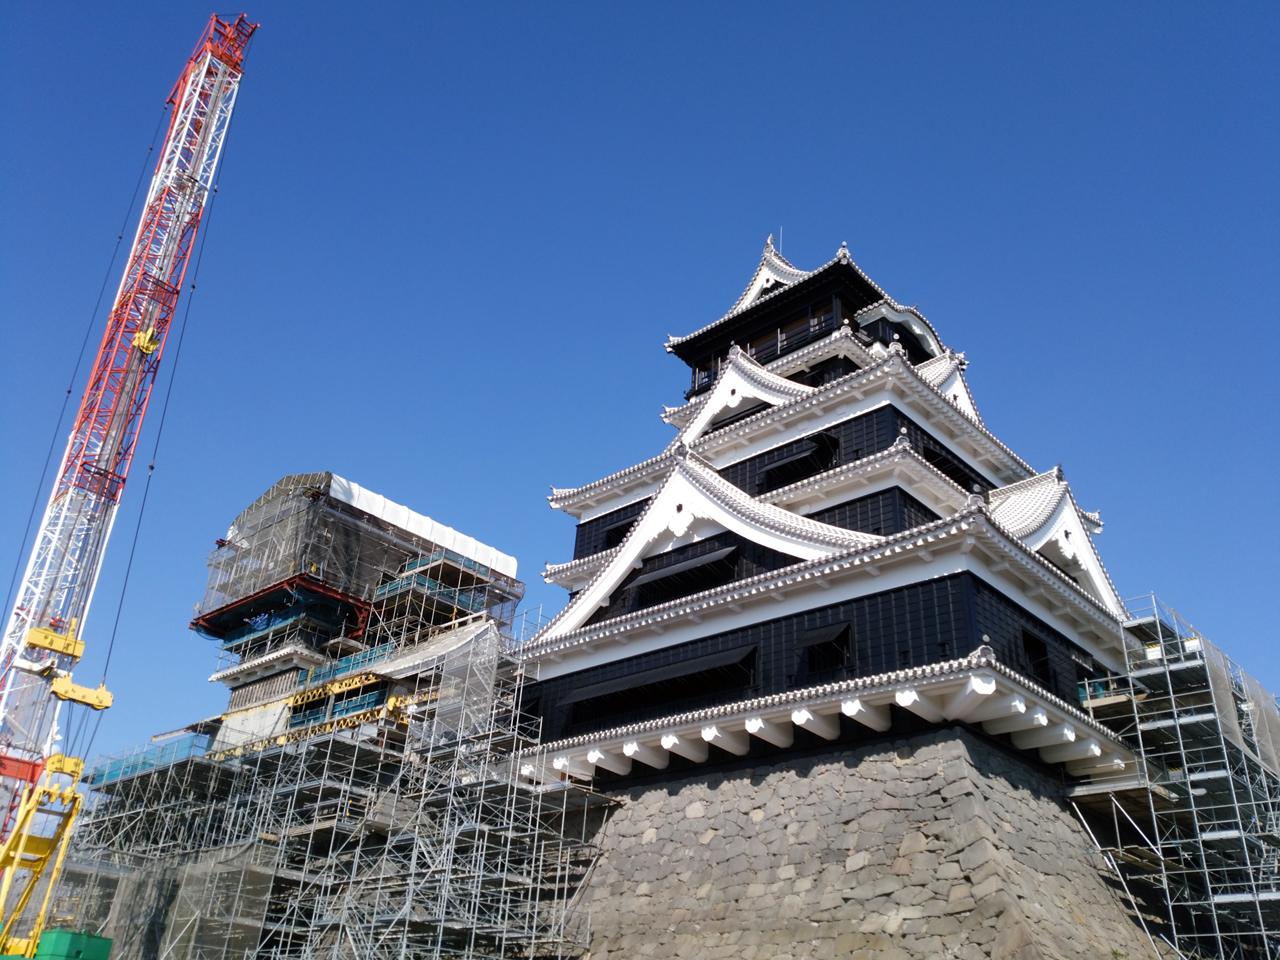 【熊本城特別公開】熊本地震から3年半ぶりに一般公開されたので撮影してきました